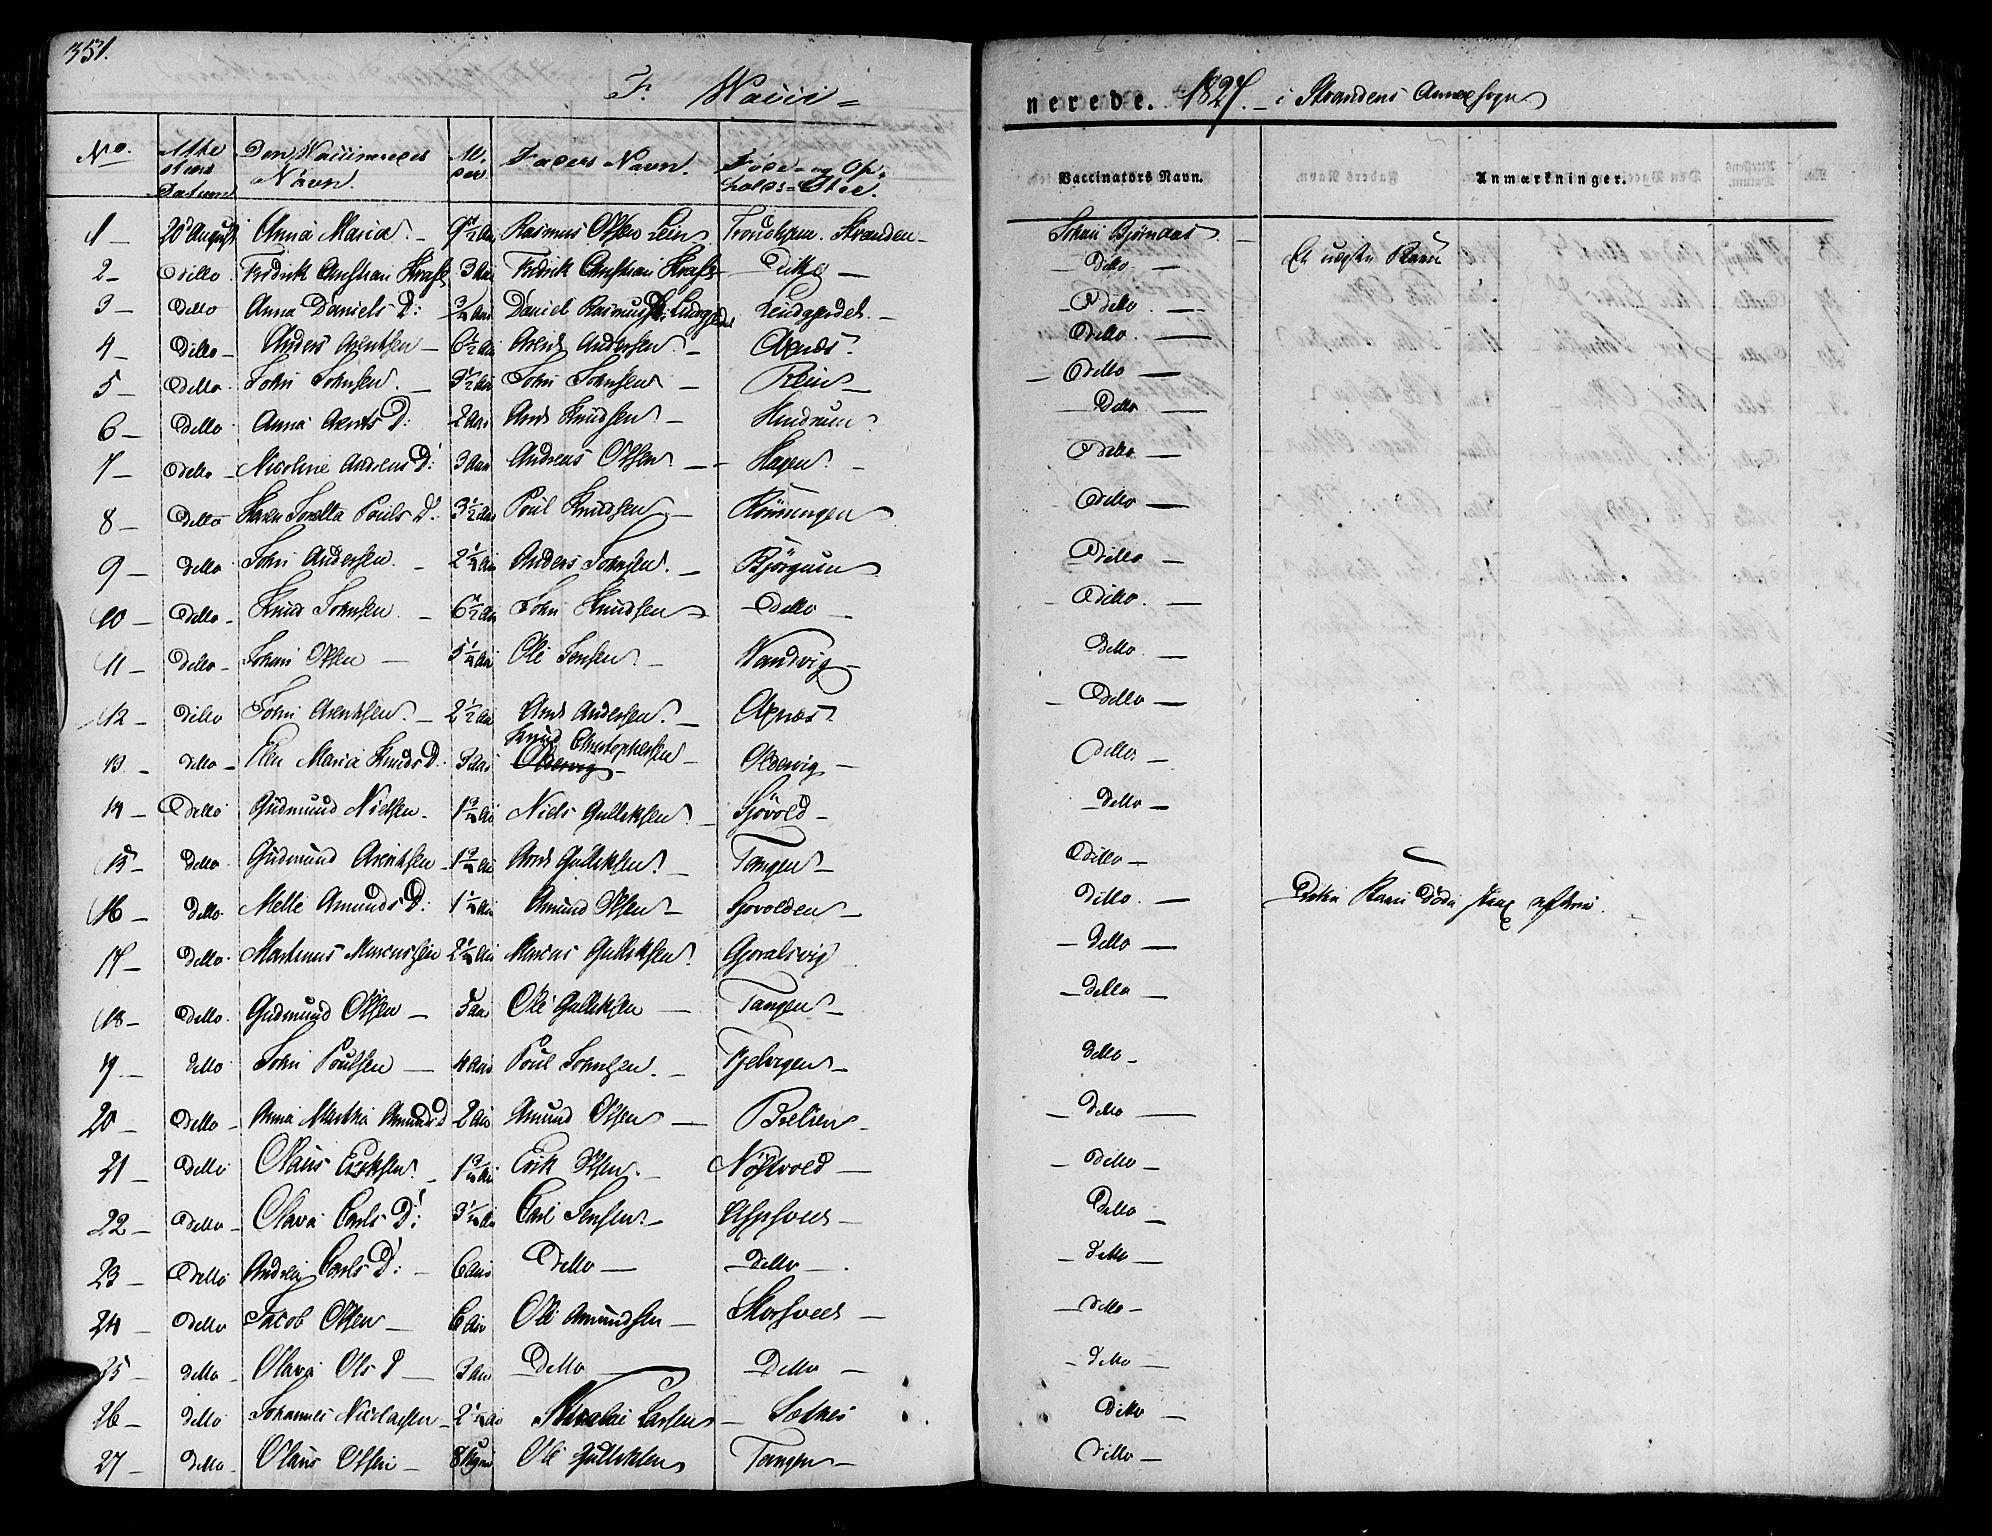 SAT, Ministerialprotokoller, klokkerbøker og fødselsregistre - Nord-Trøndelag, 701/L0006: Ministerialbok nr. 701A06, 1825-1841, s. 351